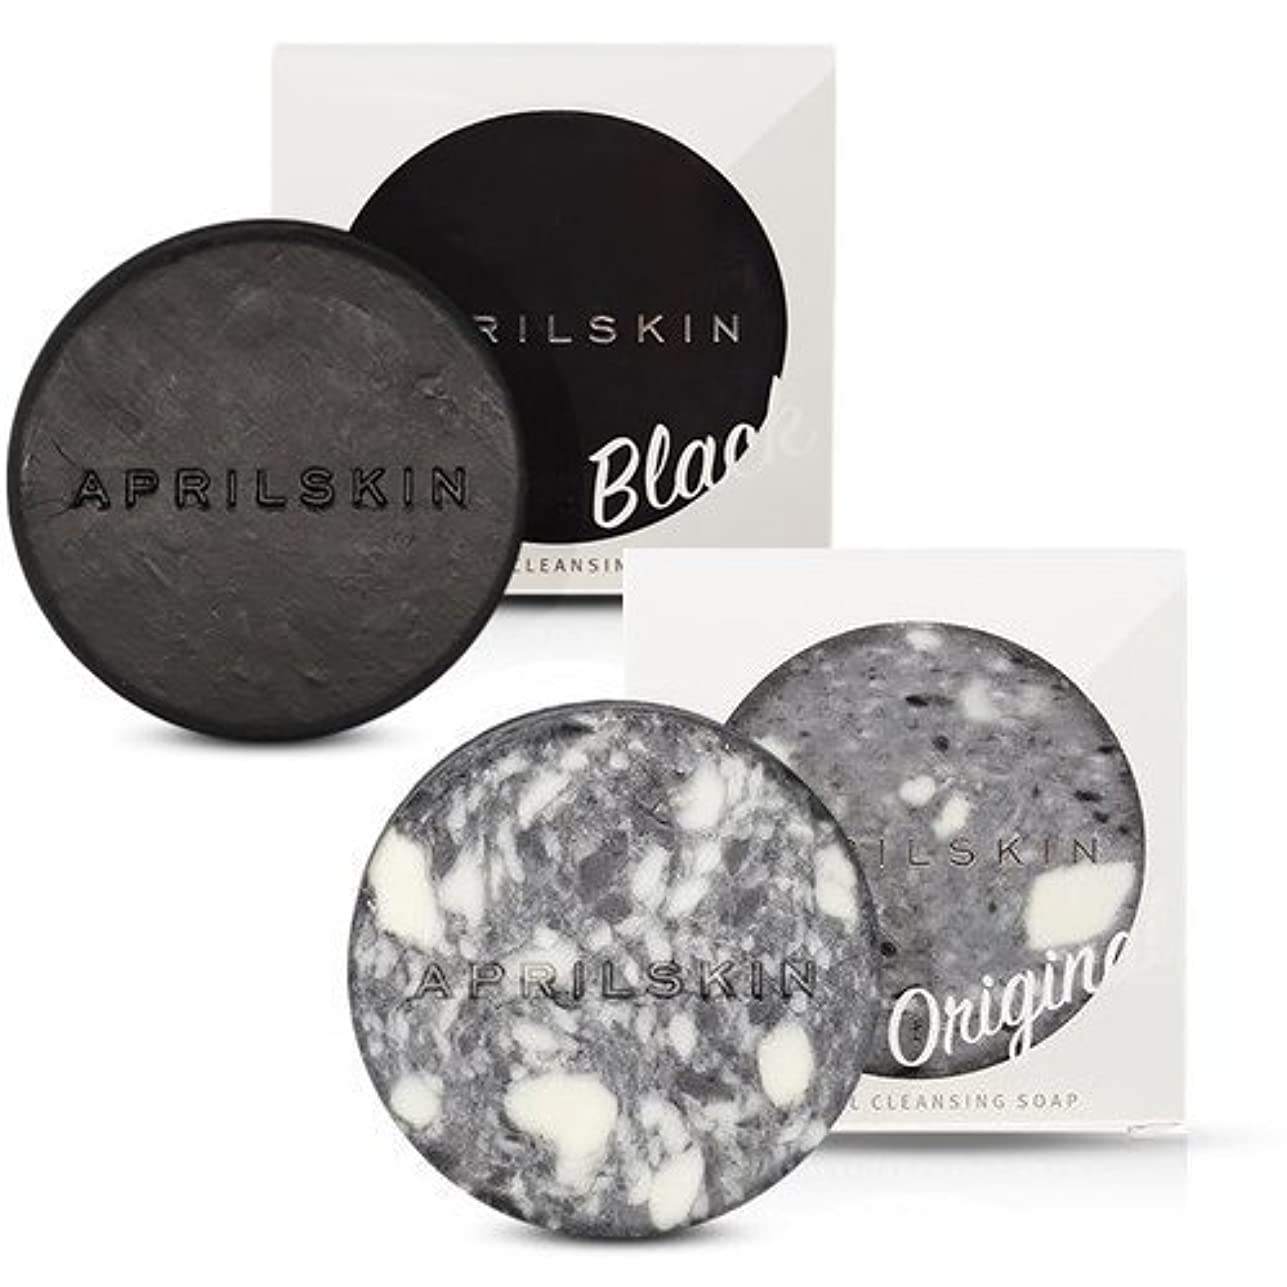 ルーフ粘り強いディンカルビル[1+1][APRILSKIN] エイプリルスキン国民石鹸 (APRIL SKIN マジックストーンのリニューアルバージョン新発売) (ORIGINAL+BLACK) [並行輸入品]